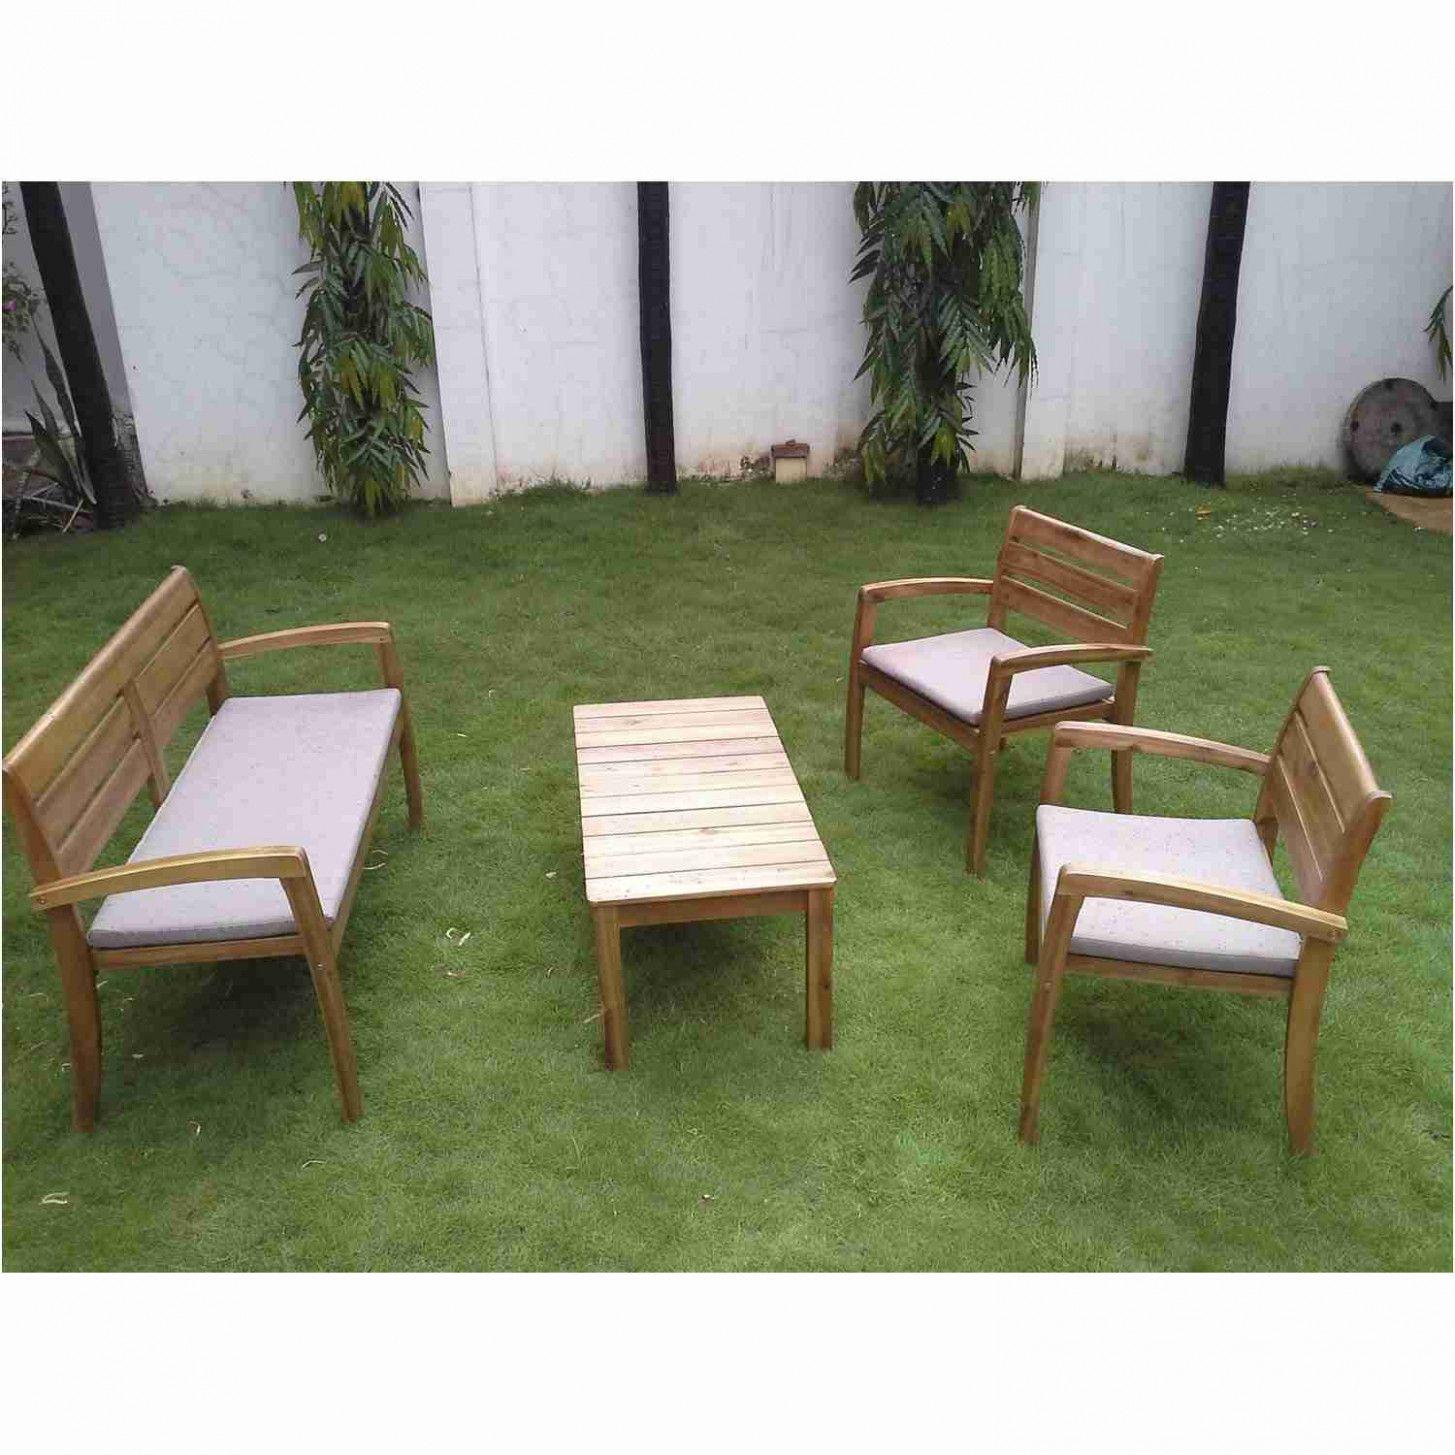 Table De Jardin De Repas Horizon Rectangulaire Anthracite De 4 A 6 Personnes Leroy Merlin Table De Jardin Table Mobilier Jardin